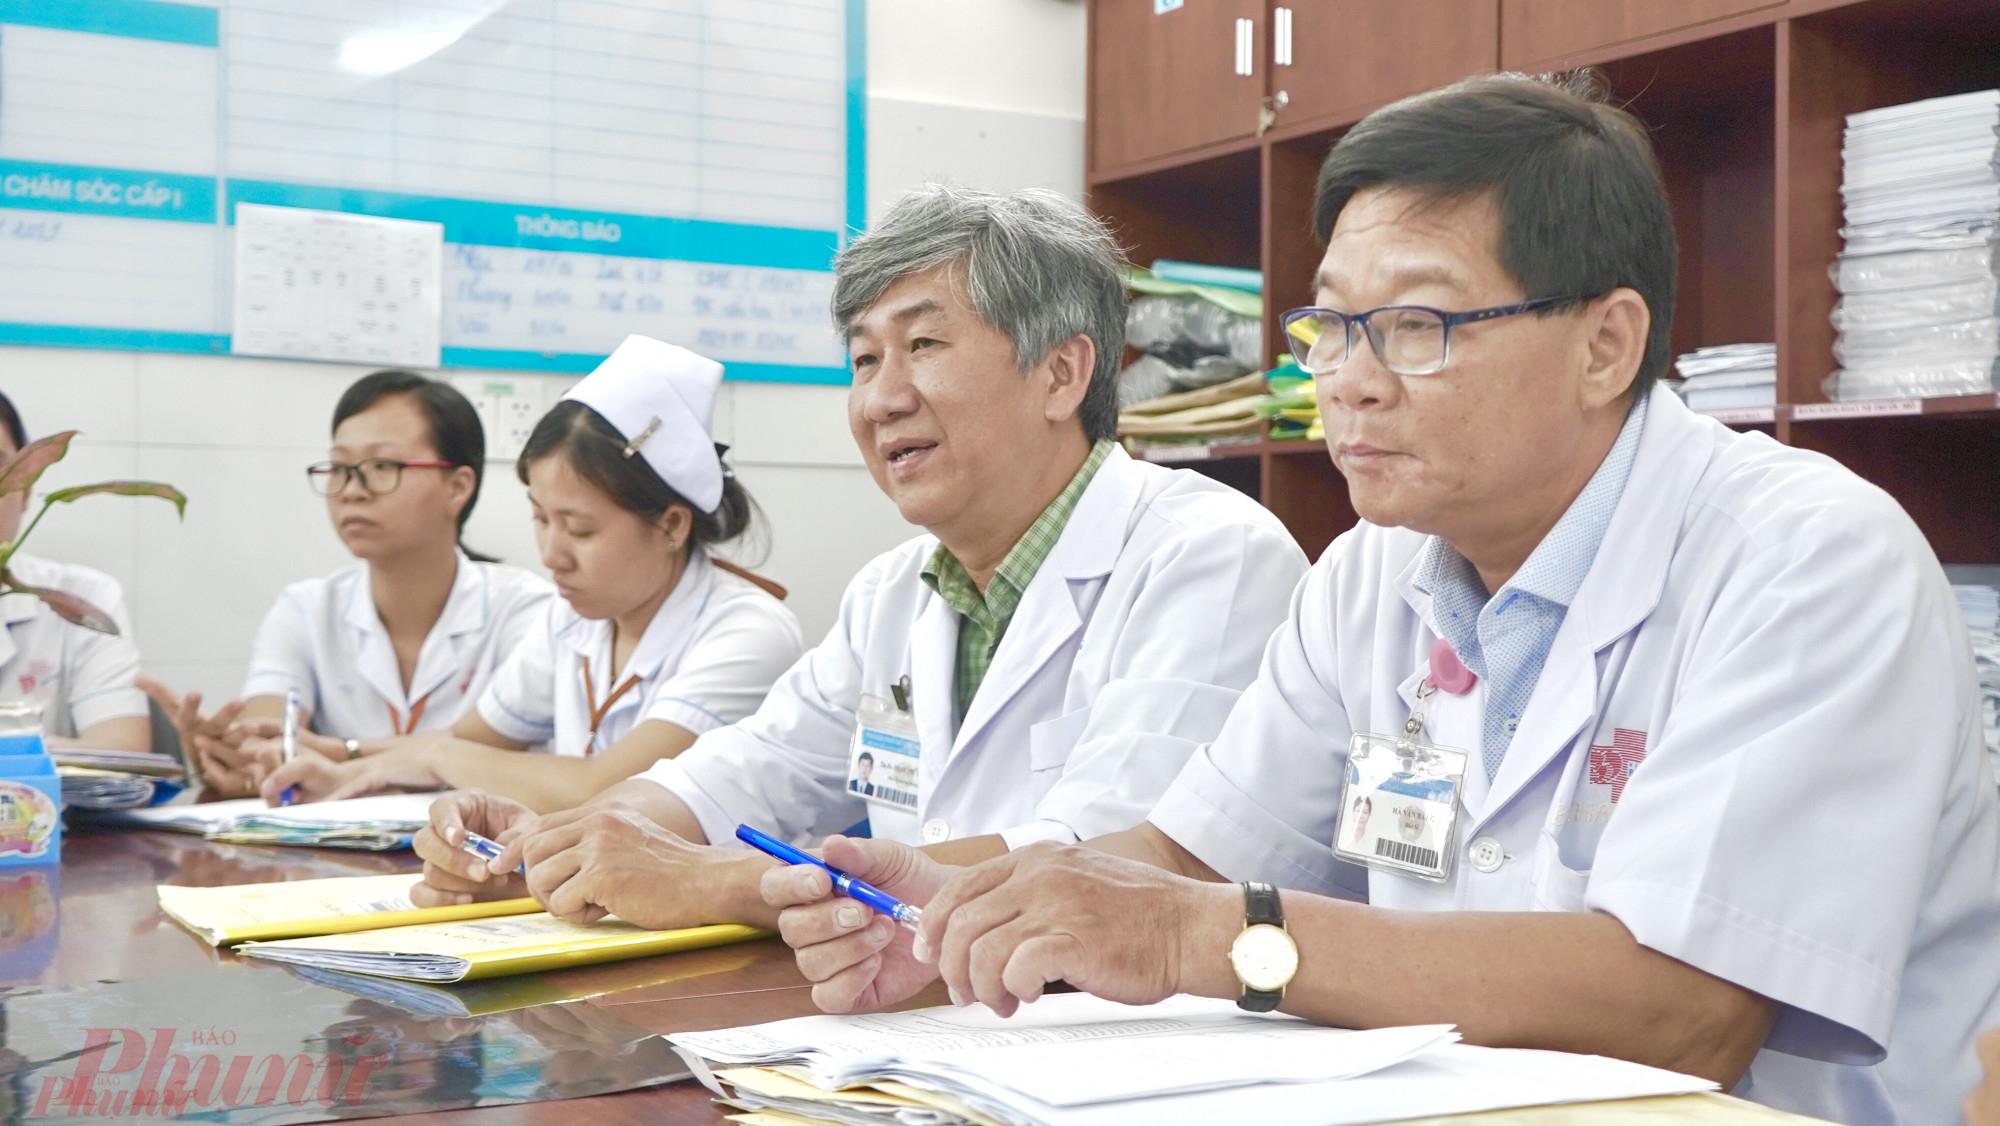 Bác sĩ Phạm Phú Phát (thứ hai từ phải sang) trong cuộc hội chẩn